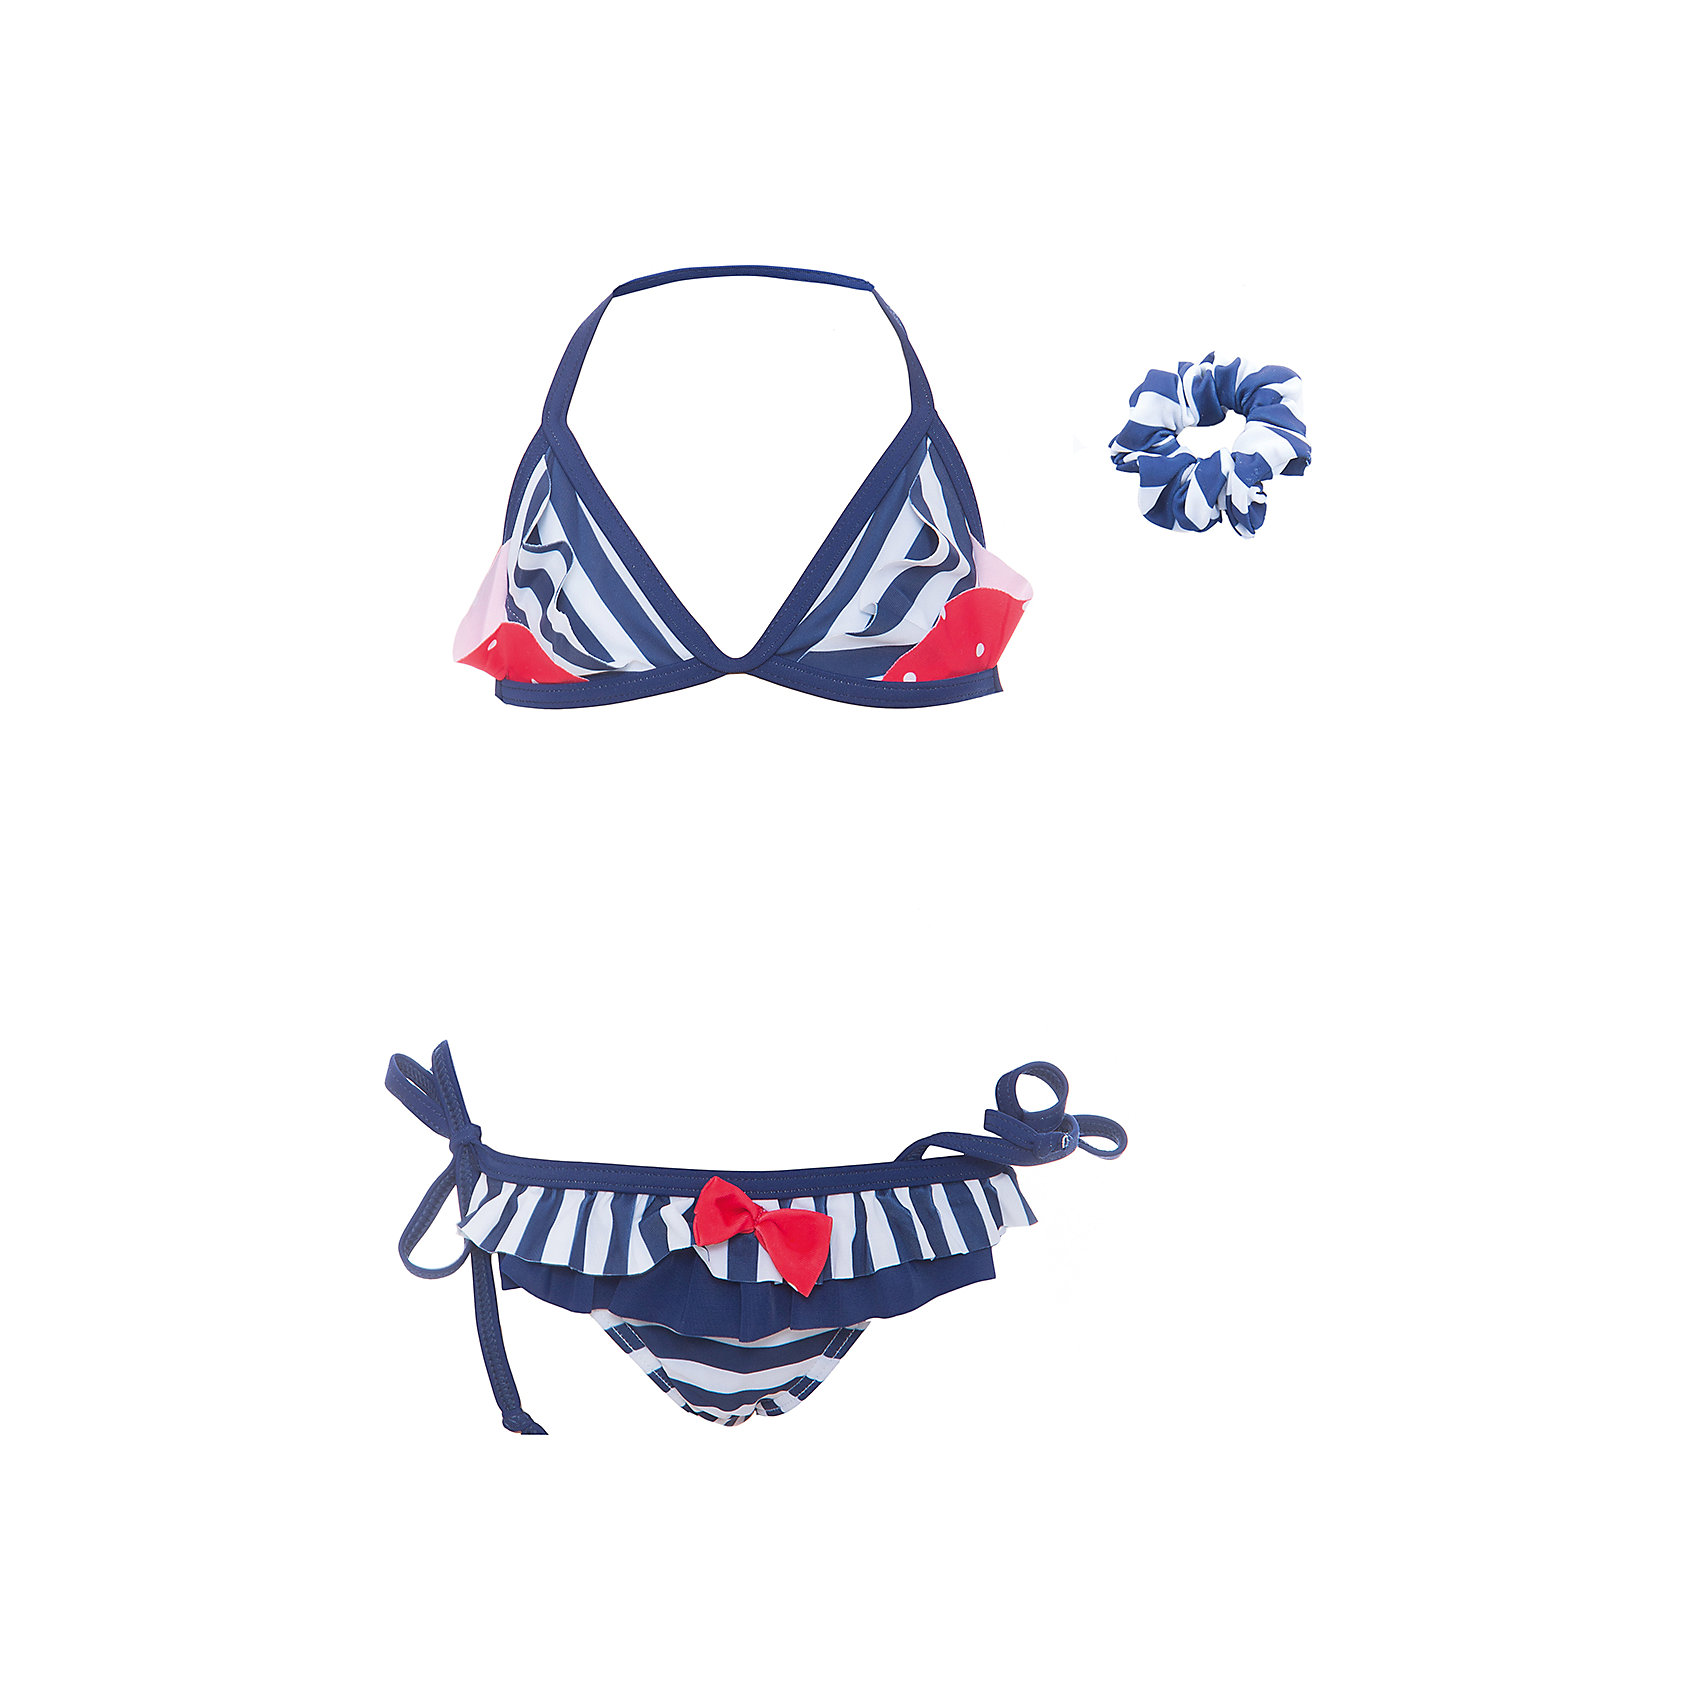 Купальник для девочки PlayTodayКупальники и плавки<br>Купальник - это неотъемлемая часть летнего гардероба. Быстросохнущий и эластичный материал этой модели приятен к телу. Ребенку в этом купальнике будет удобно и комфортно. Модель декорирована оригинальными контрастными вставками и оборками, дополнена резинкой для волос аналогичной расцветки.Преимущества: Быстросохнущий эластичный материалМатериал не раздражает нежную детскую кожу.<br>Состав:<br>85% полиэстер, 15% эластан<br><br>Ширина мм: 183<br>Глубина мм: 60<br>Высота мм: 135<br>Вес г: 119<br>Цвет: разноцветный<br>Возраст от месяцев: 84<br>Возраст до месяцев: 96<br>Пол: Женский<br>Возраст: Детский<br>Размер: 122/128,110/116,98/104<br>SKU: 5604023